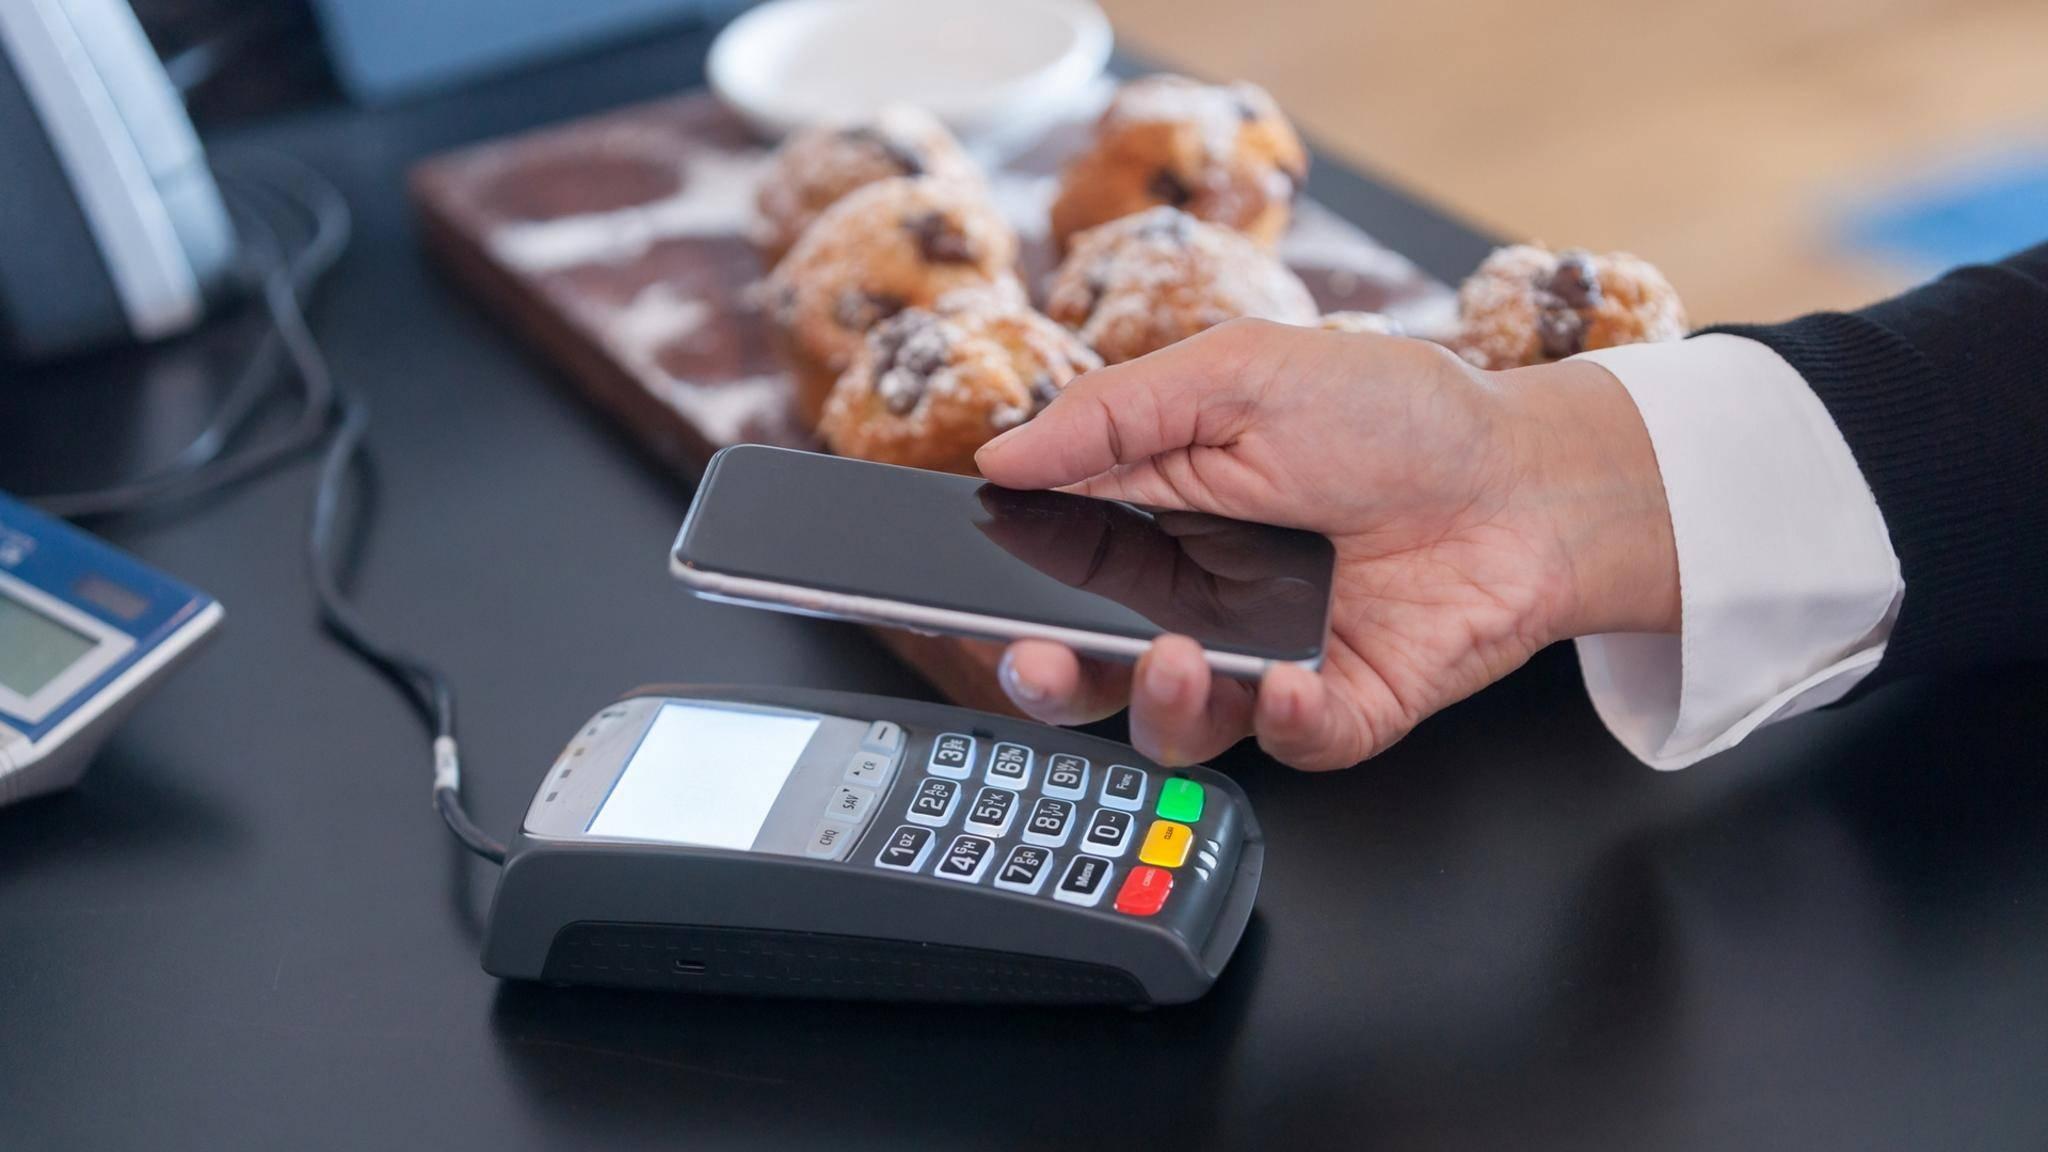 Apple Pay soll Endes des Jahres auch in Deutschland starten.